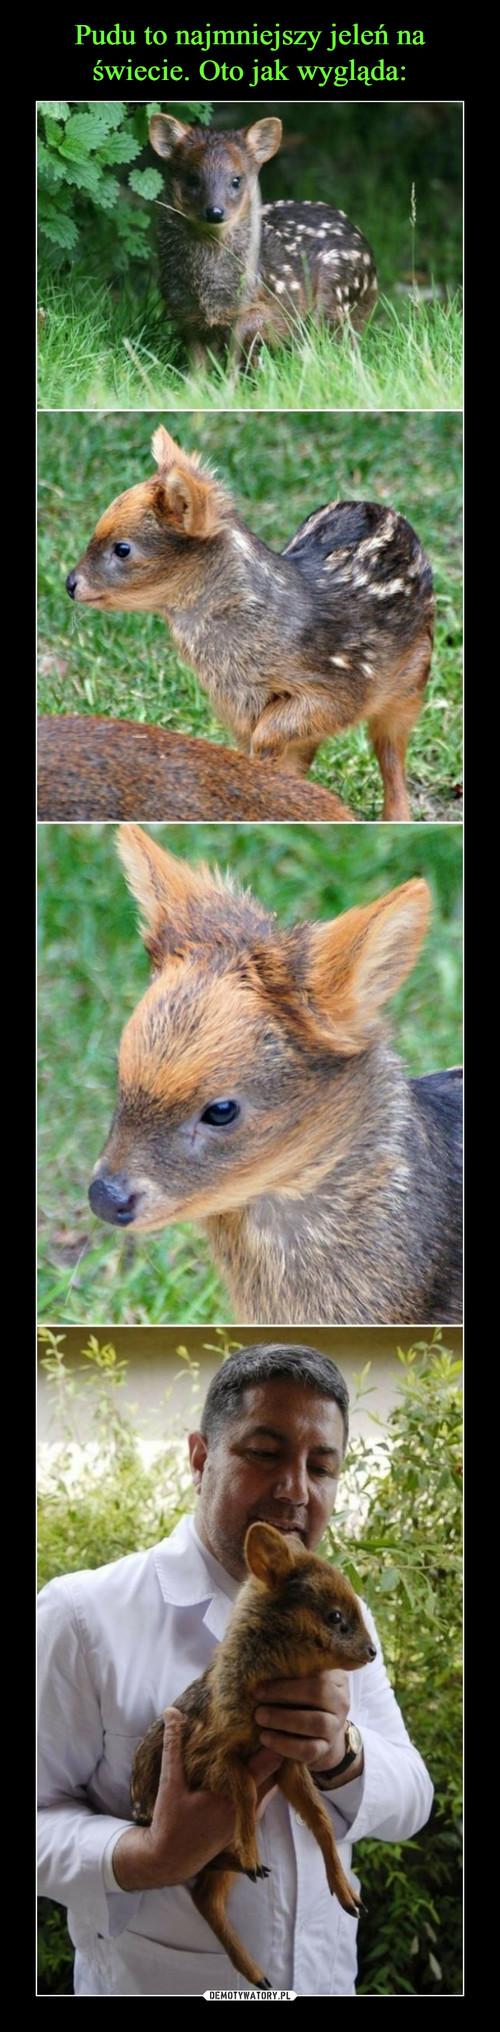 Pudu to najmniejszy jeleń na świecie. Oto jak wygląda: